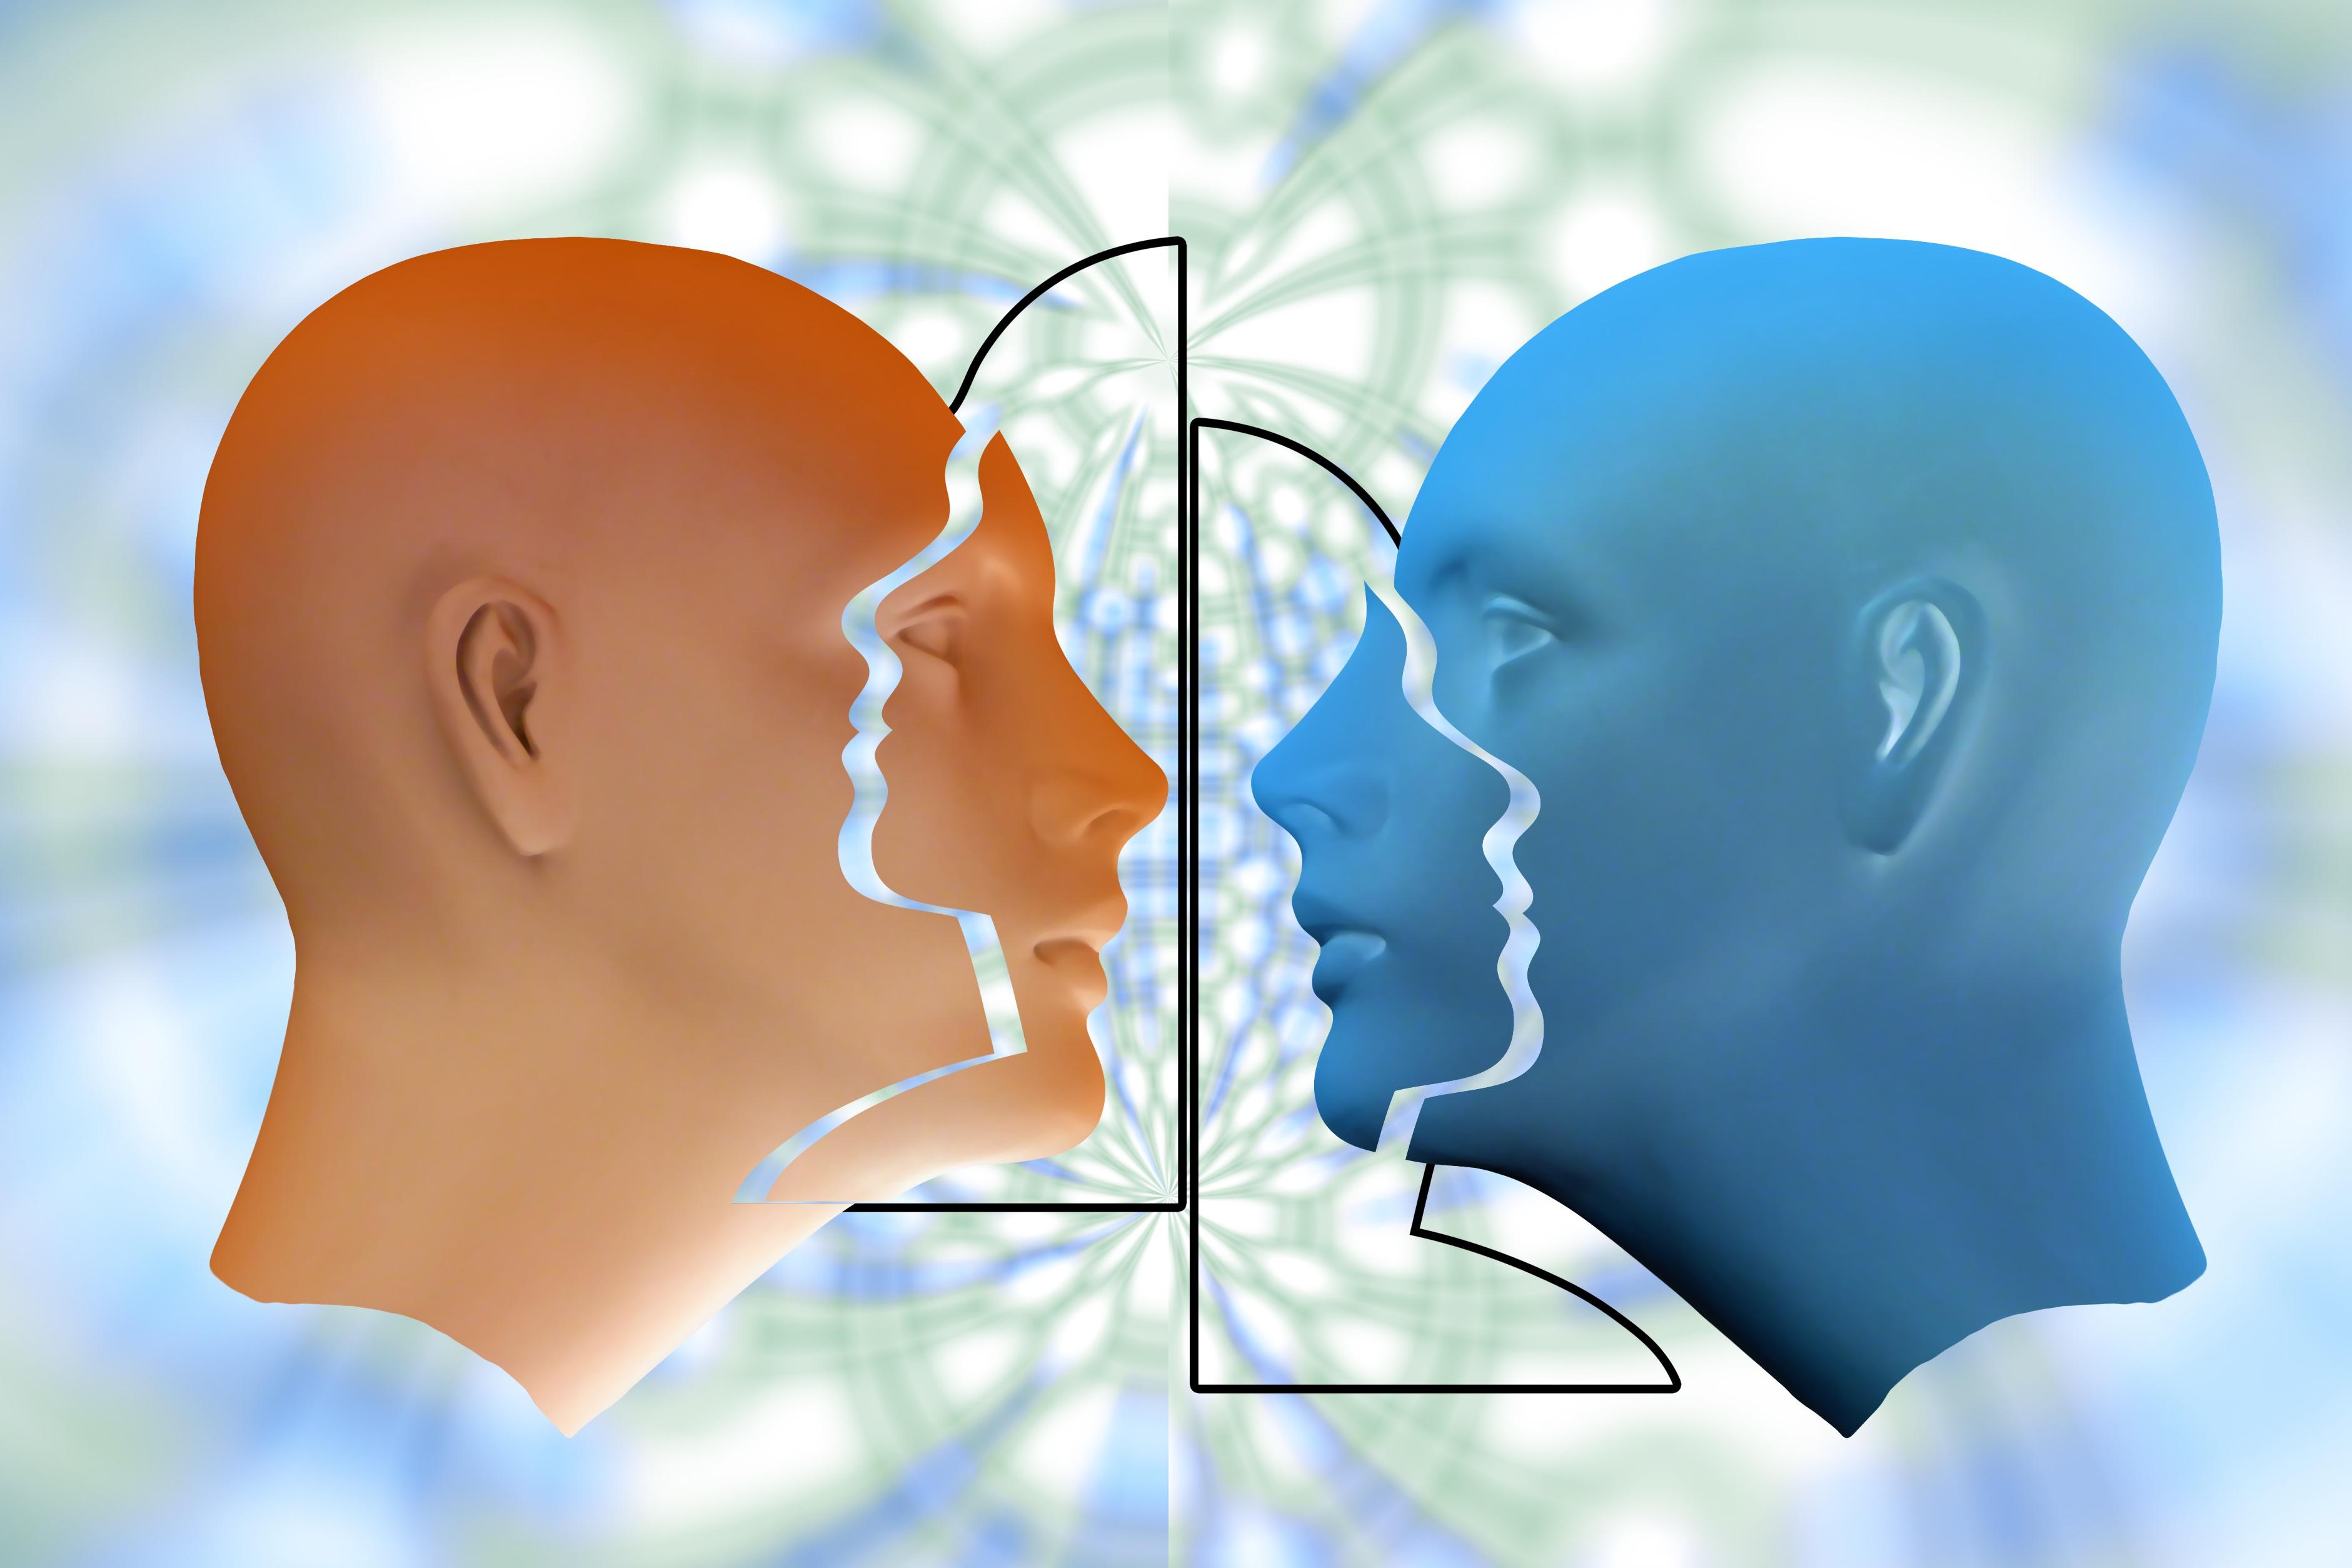 Wahrnehmungsfehler und Bias in Verhandlungen